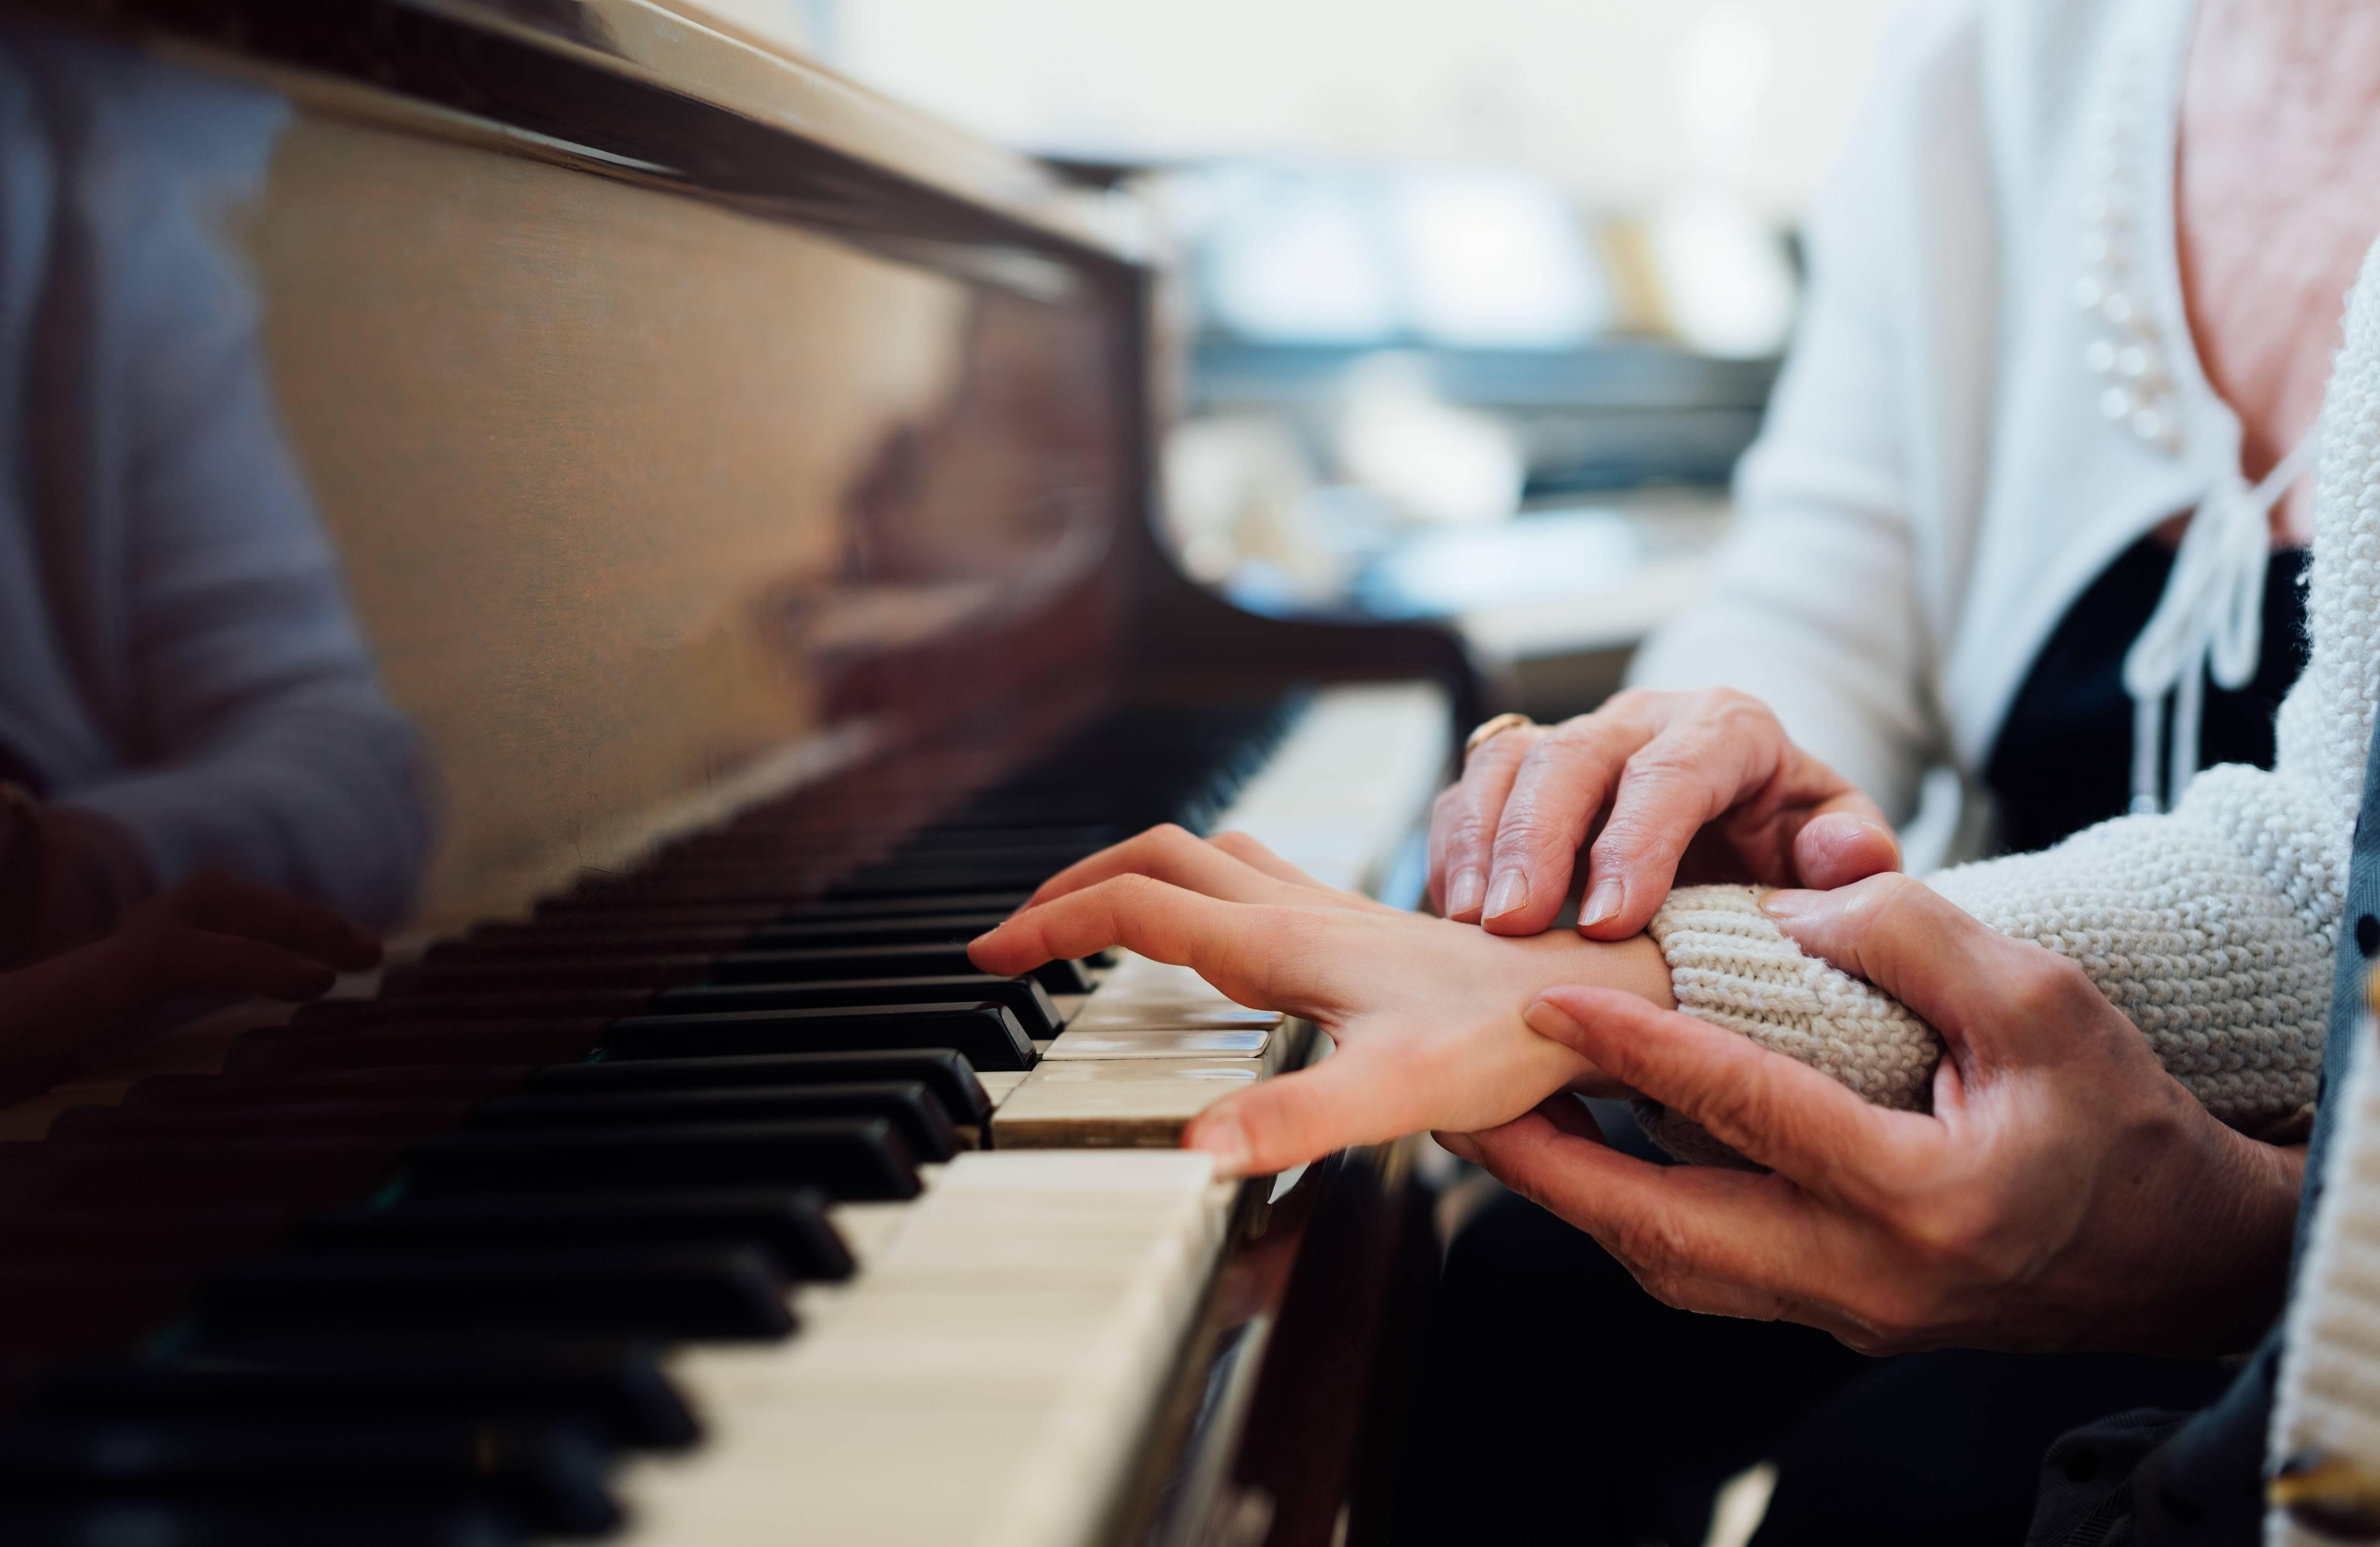 练琴时手抖到底是怎么回事?有什么办法能解决?